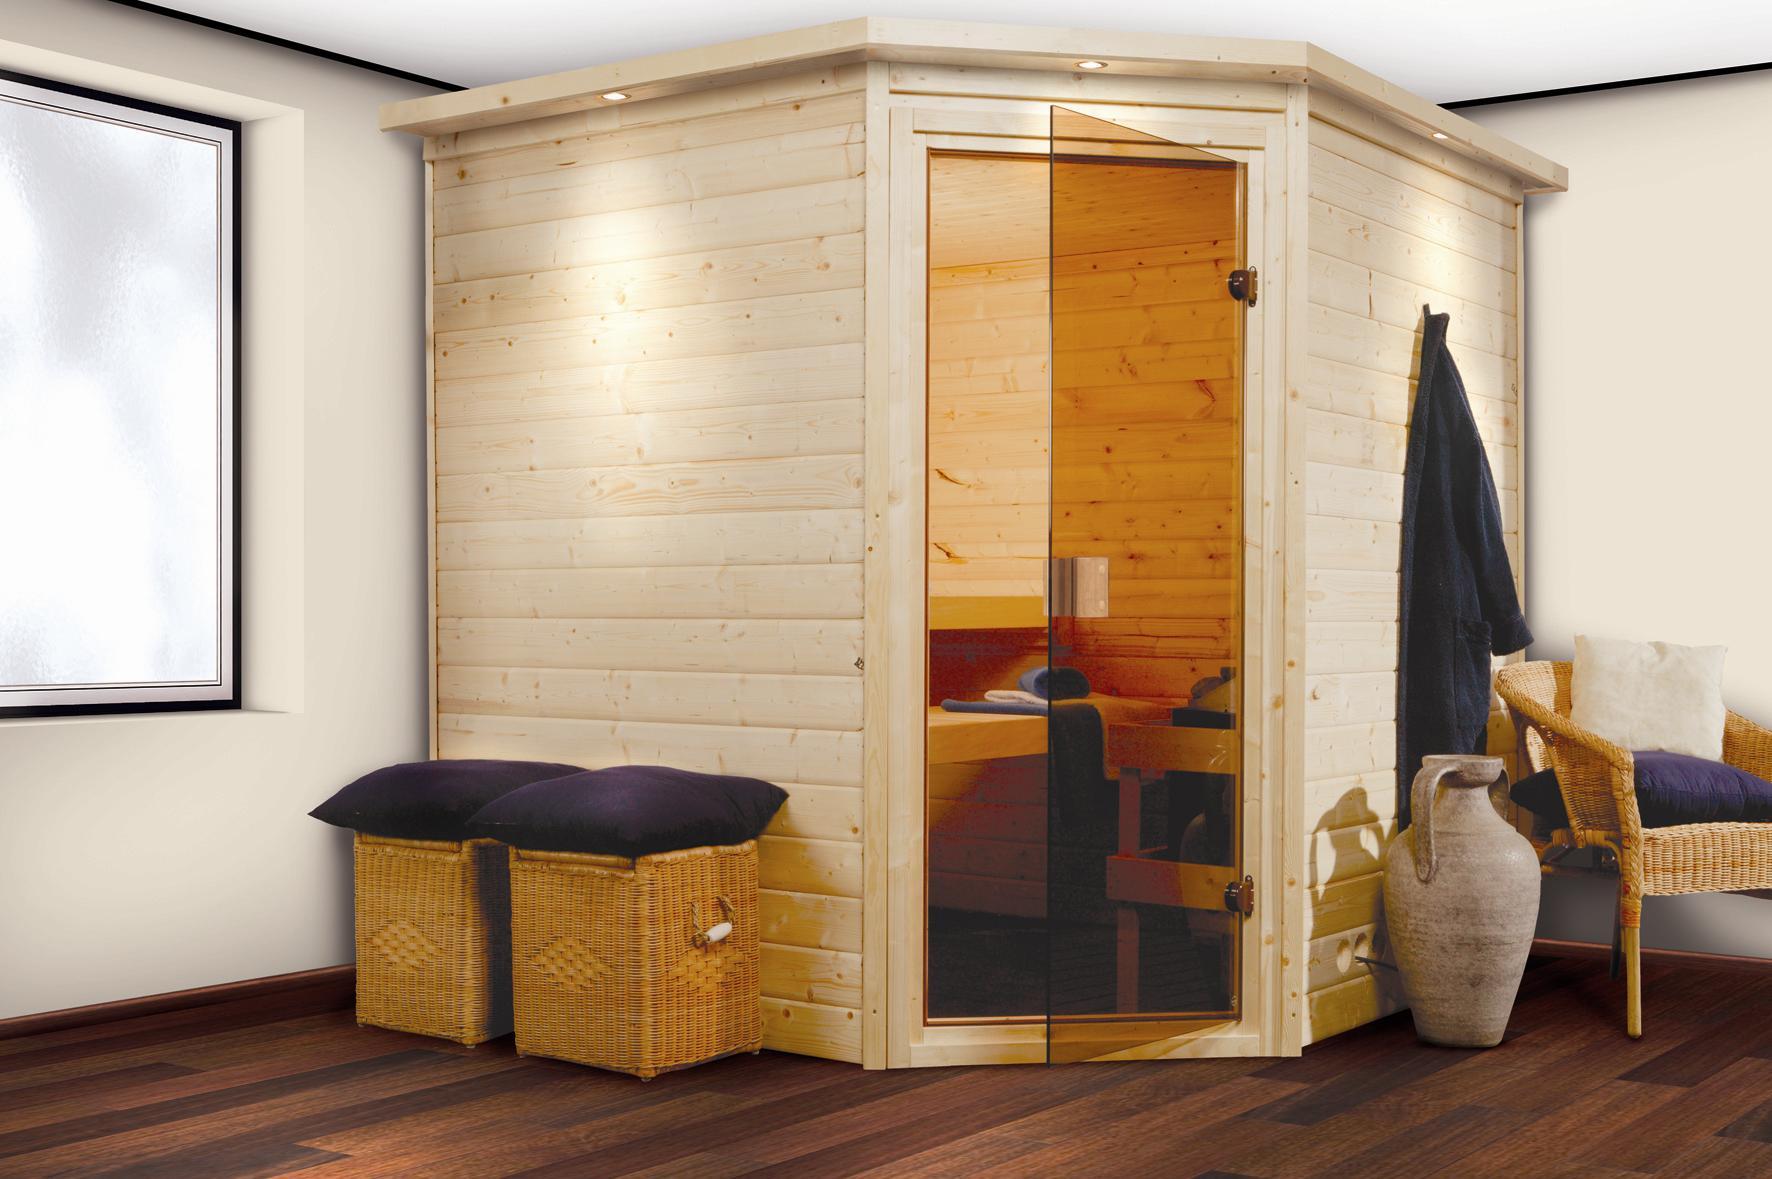 massivholzsauna 38mm 196x196x200 eckeinstieg komplett ebay. Black Bedroom Furniture Sets. Home Design Ideas